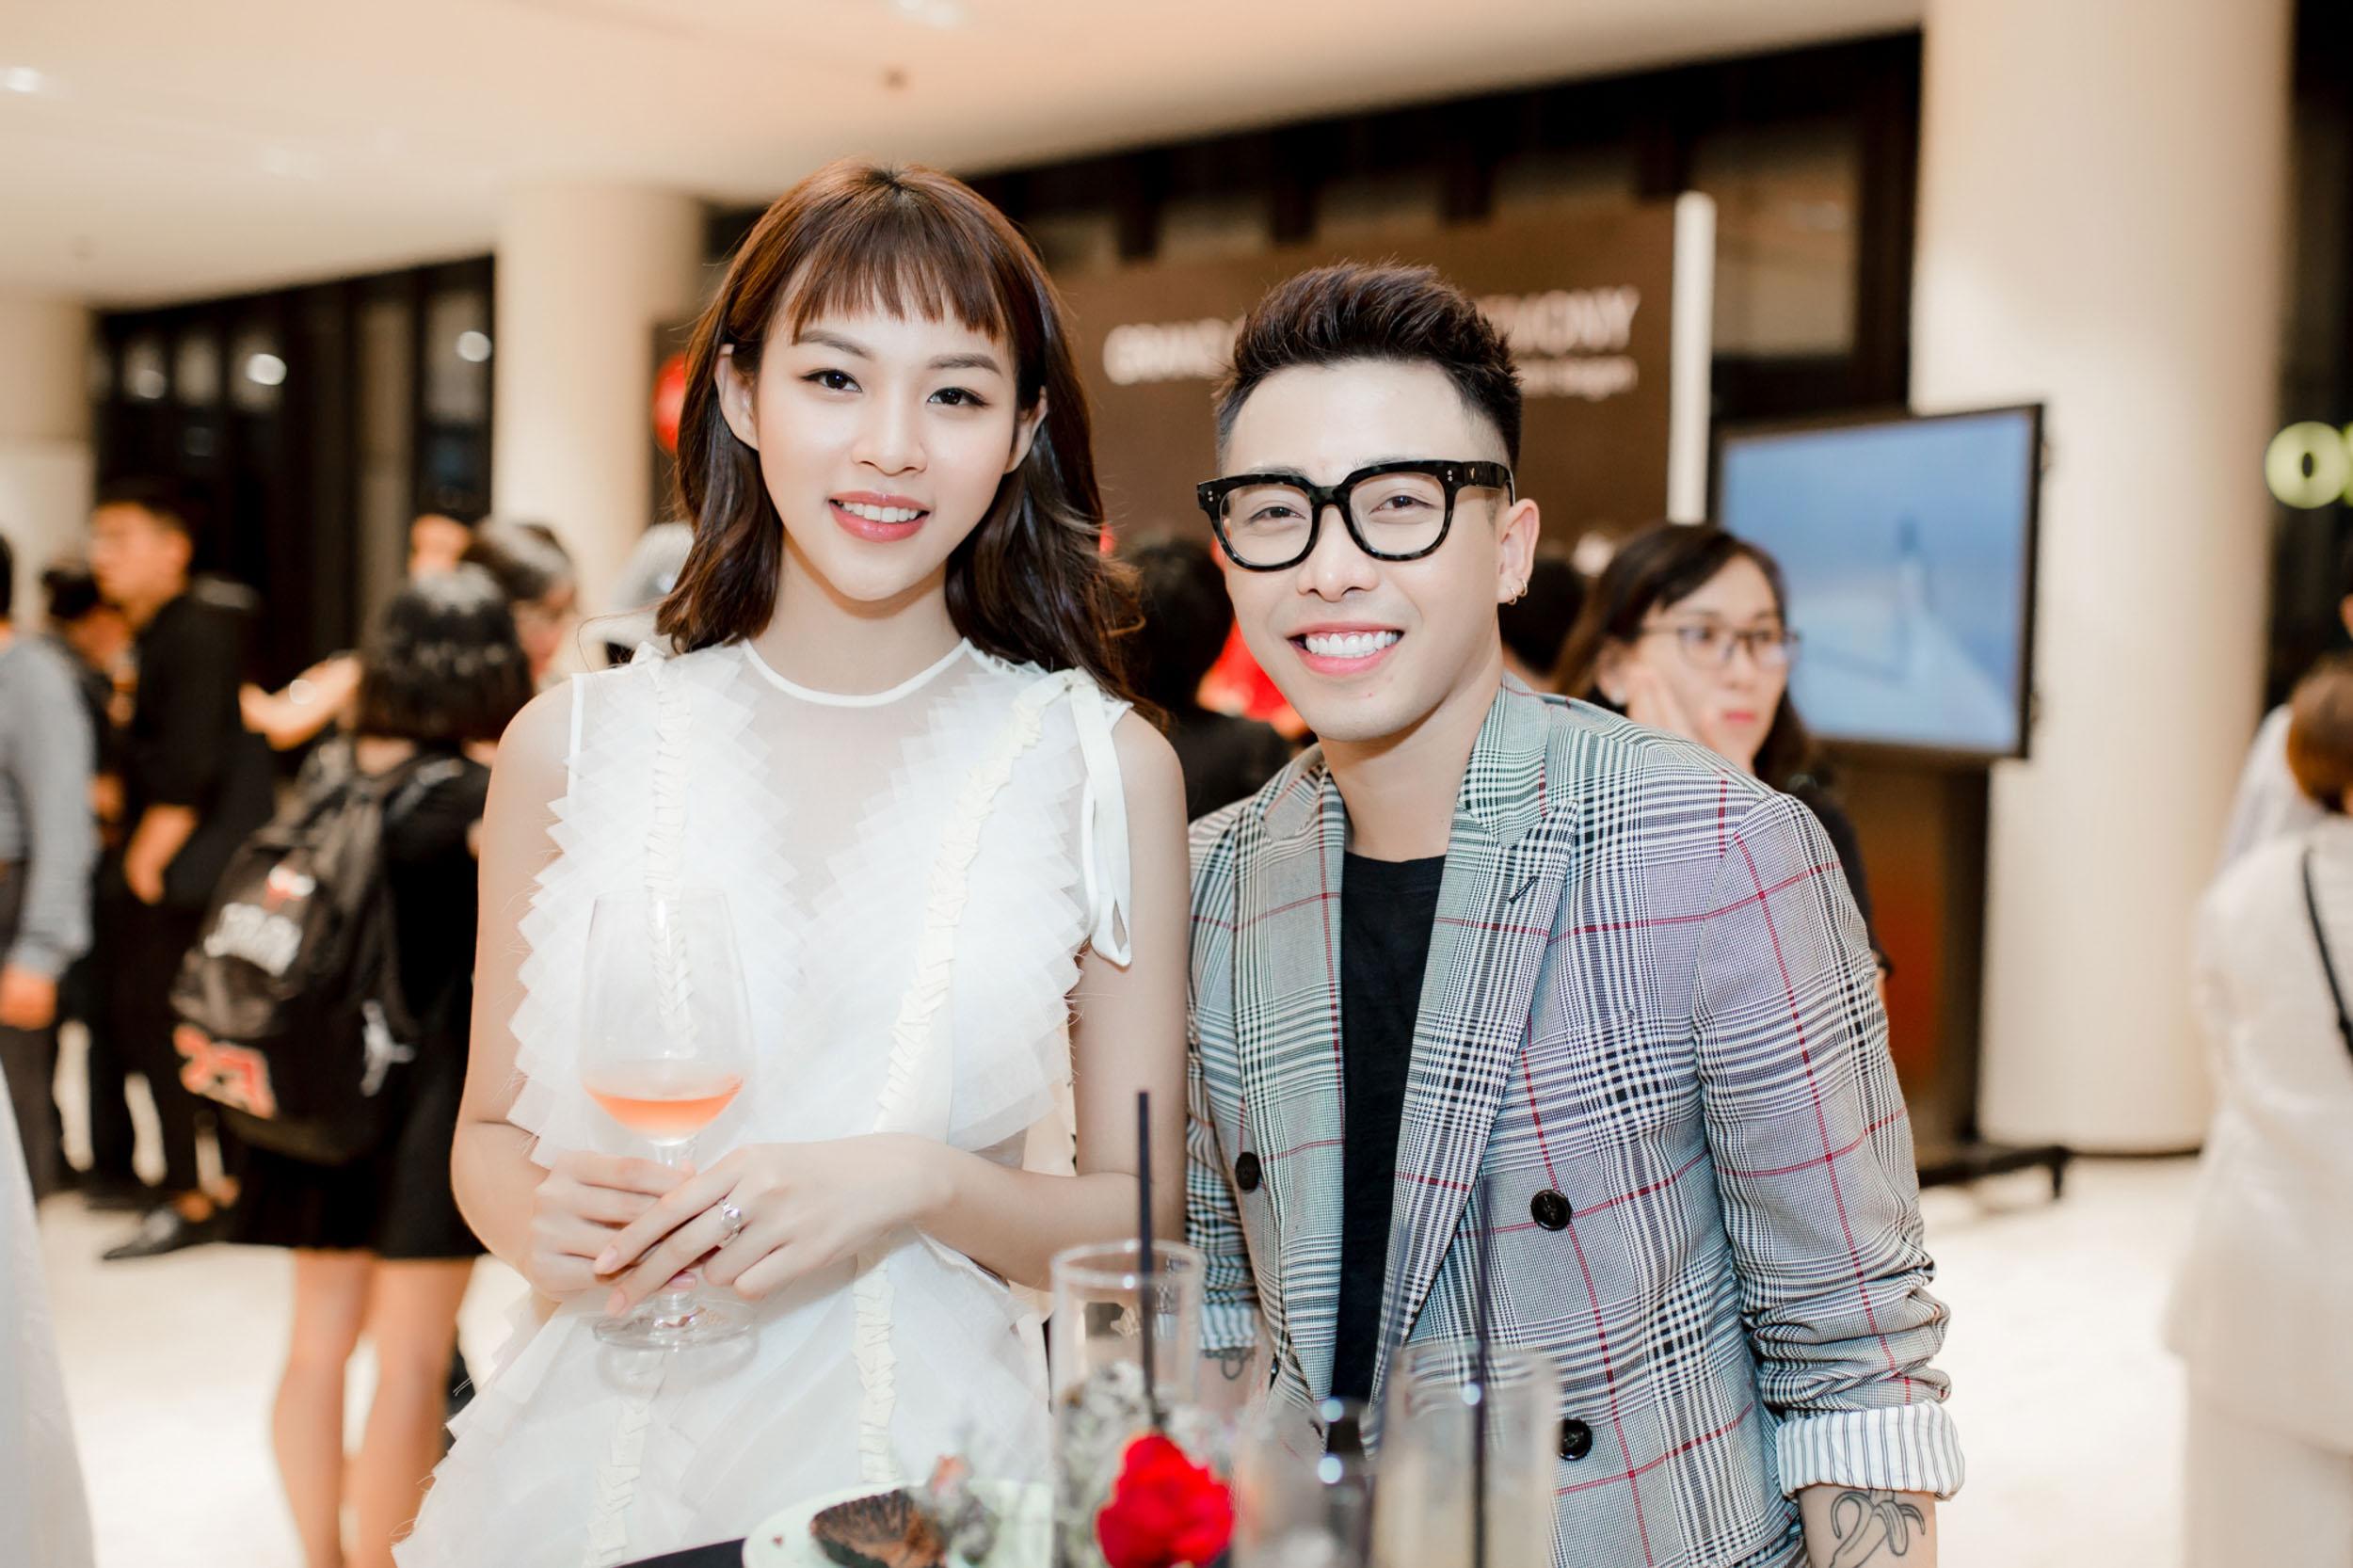 Sự kiện còn có sự tham gia của Hoàng Ku, quán quân The Face mùa 1 thích thú gặp gỡ, chụp ảnh cùng chàng stylist Hà Thành.